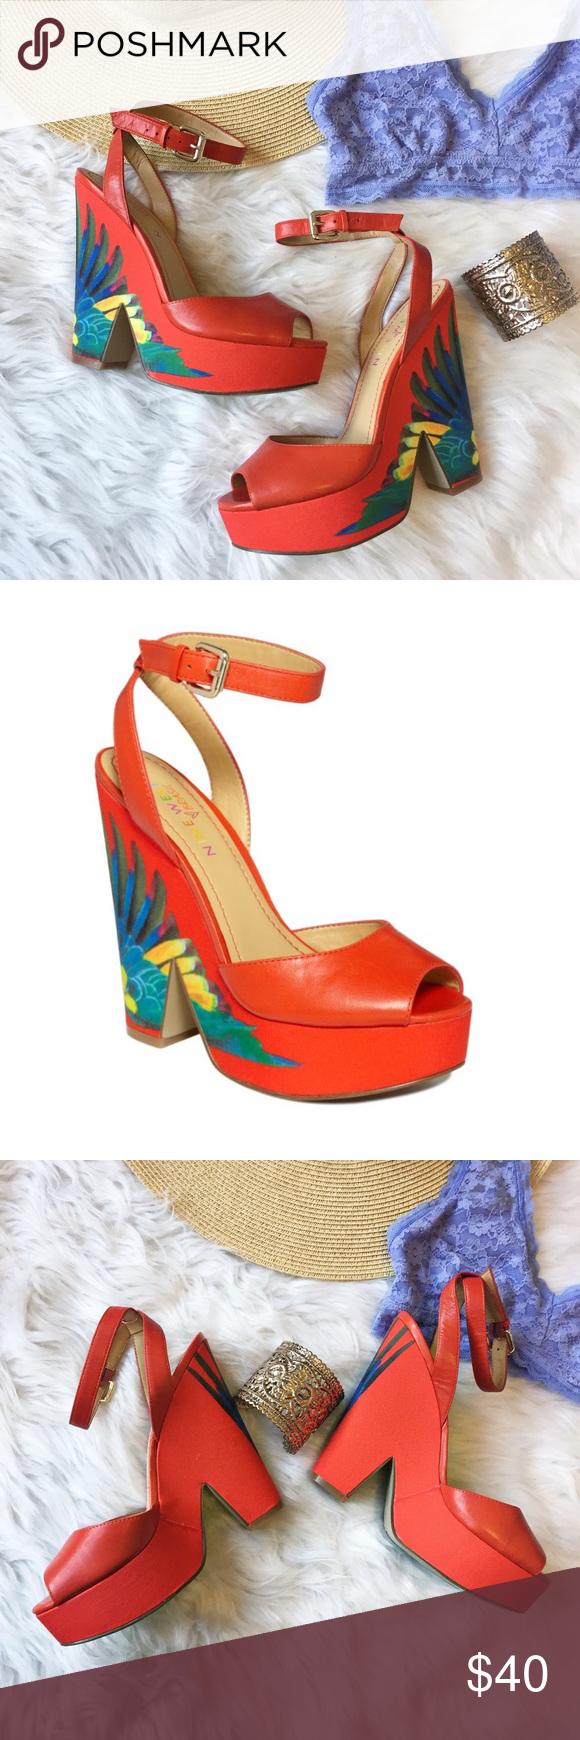 6d8cf1c4fbc7b Nine West • Trois Chic Platform Sandals A seriously GORGEOUS shoe by Nine  West. Brasil